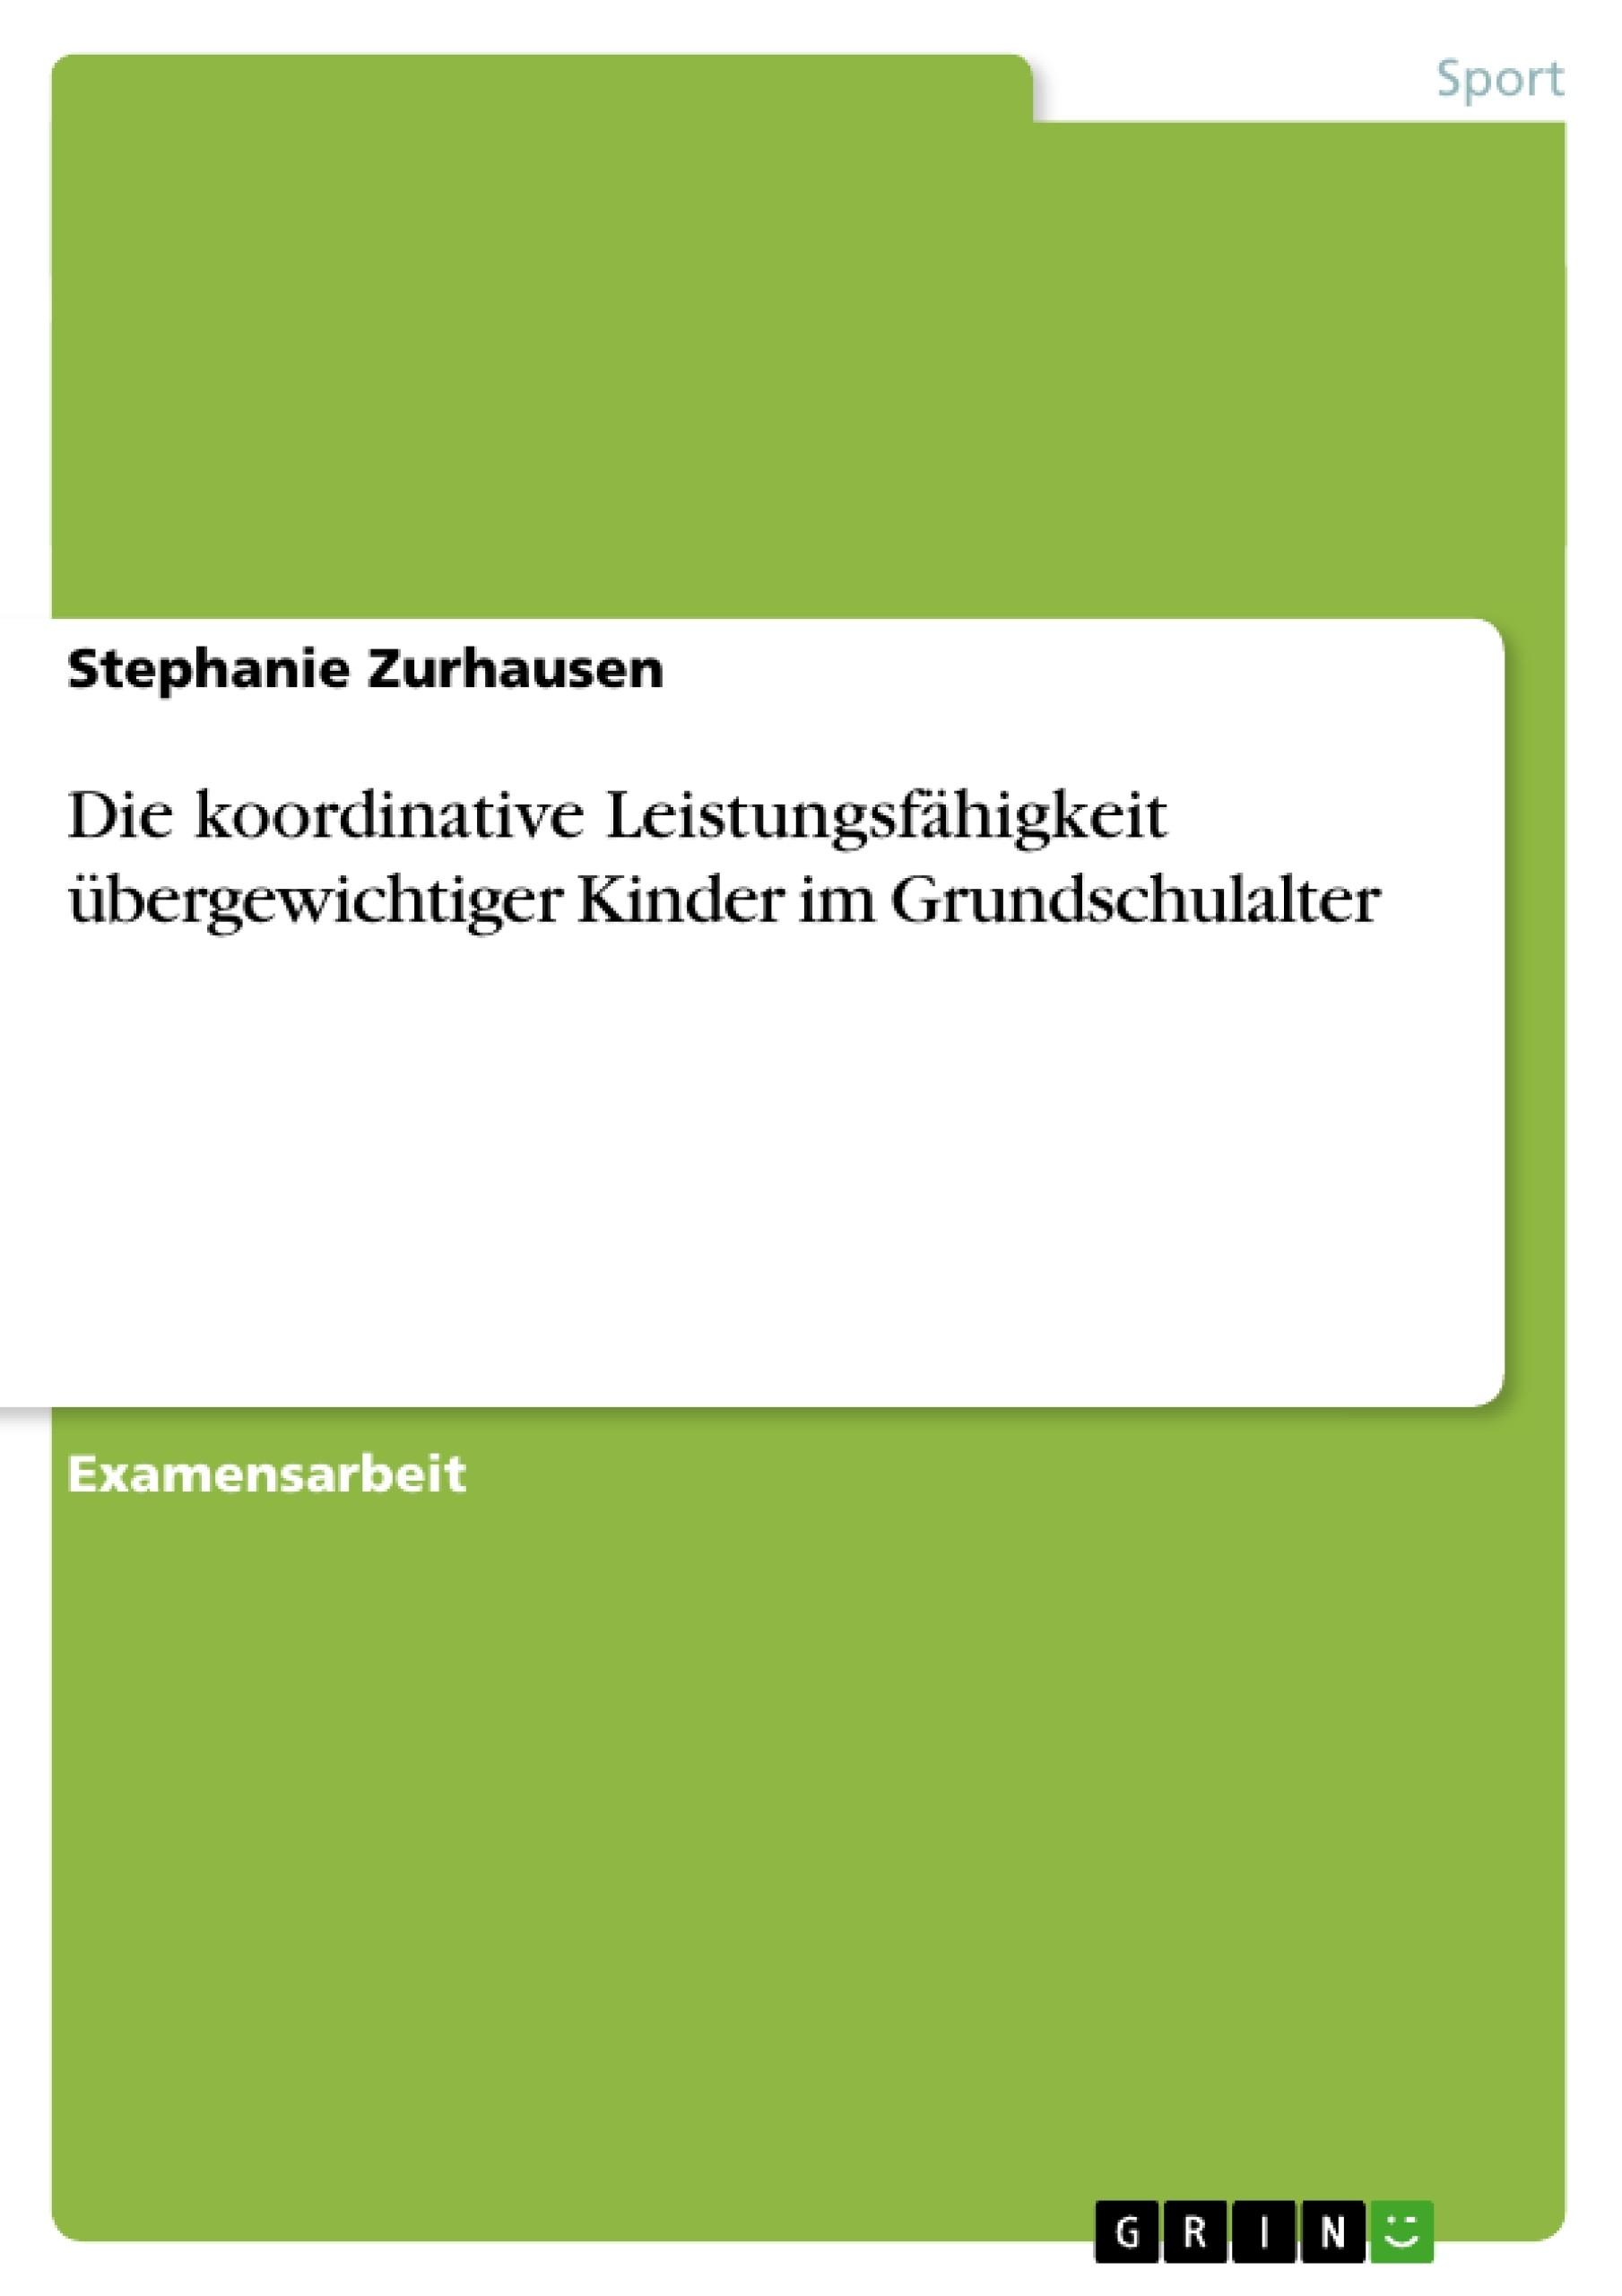 Titel: Die koordinative Leistungsfähigkeit übergewichtiger Kinder im Grundschulalter